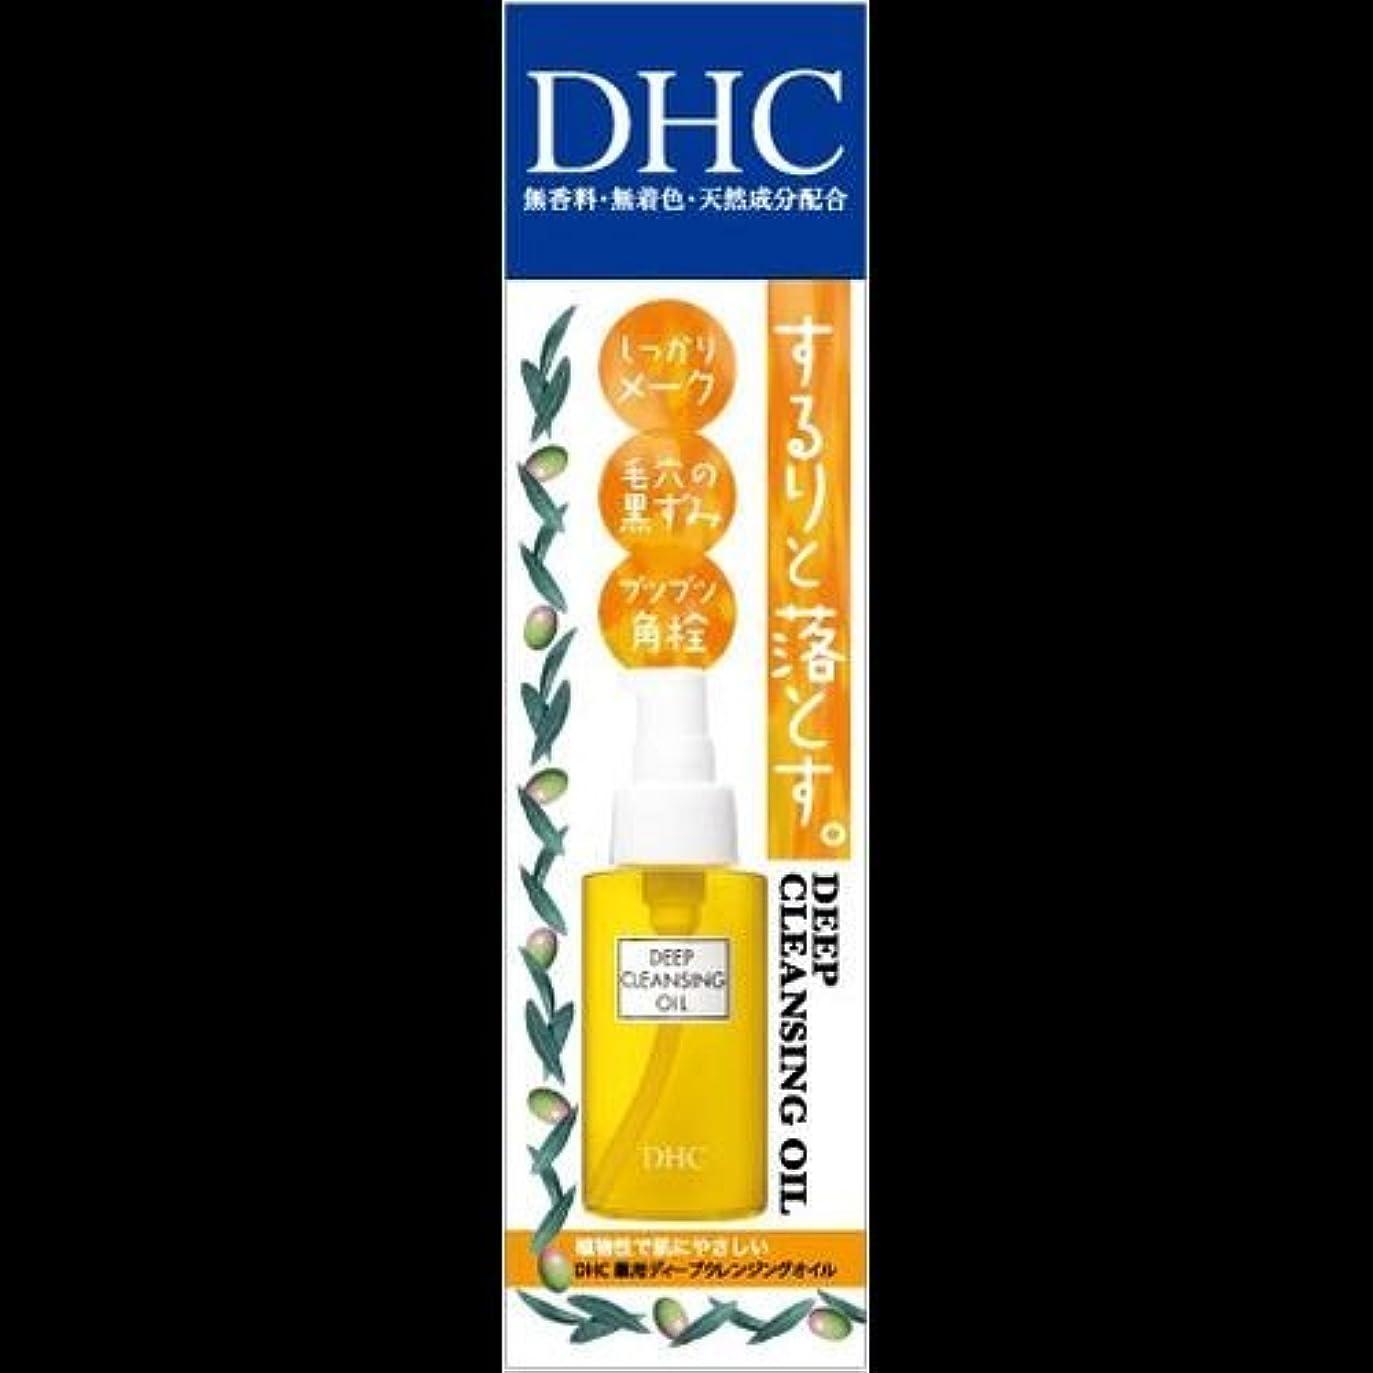 順応性のあるライバル低下【まとめ買い】DHC 薬用ディープクレンジングオイル(SS) 70ml ×2セット